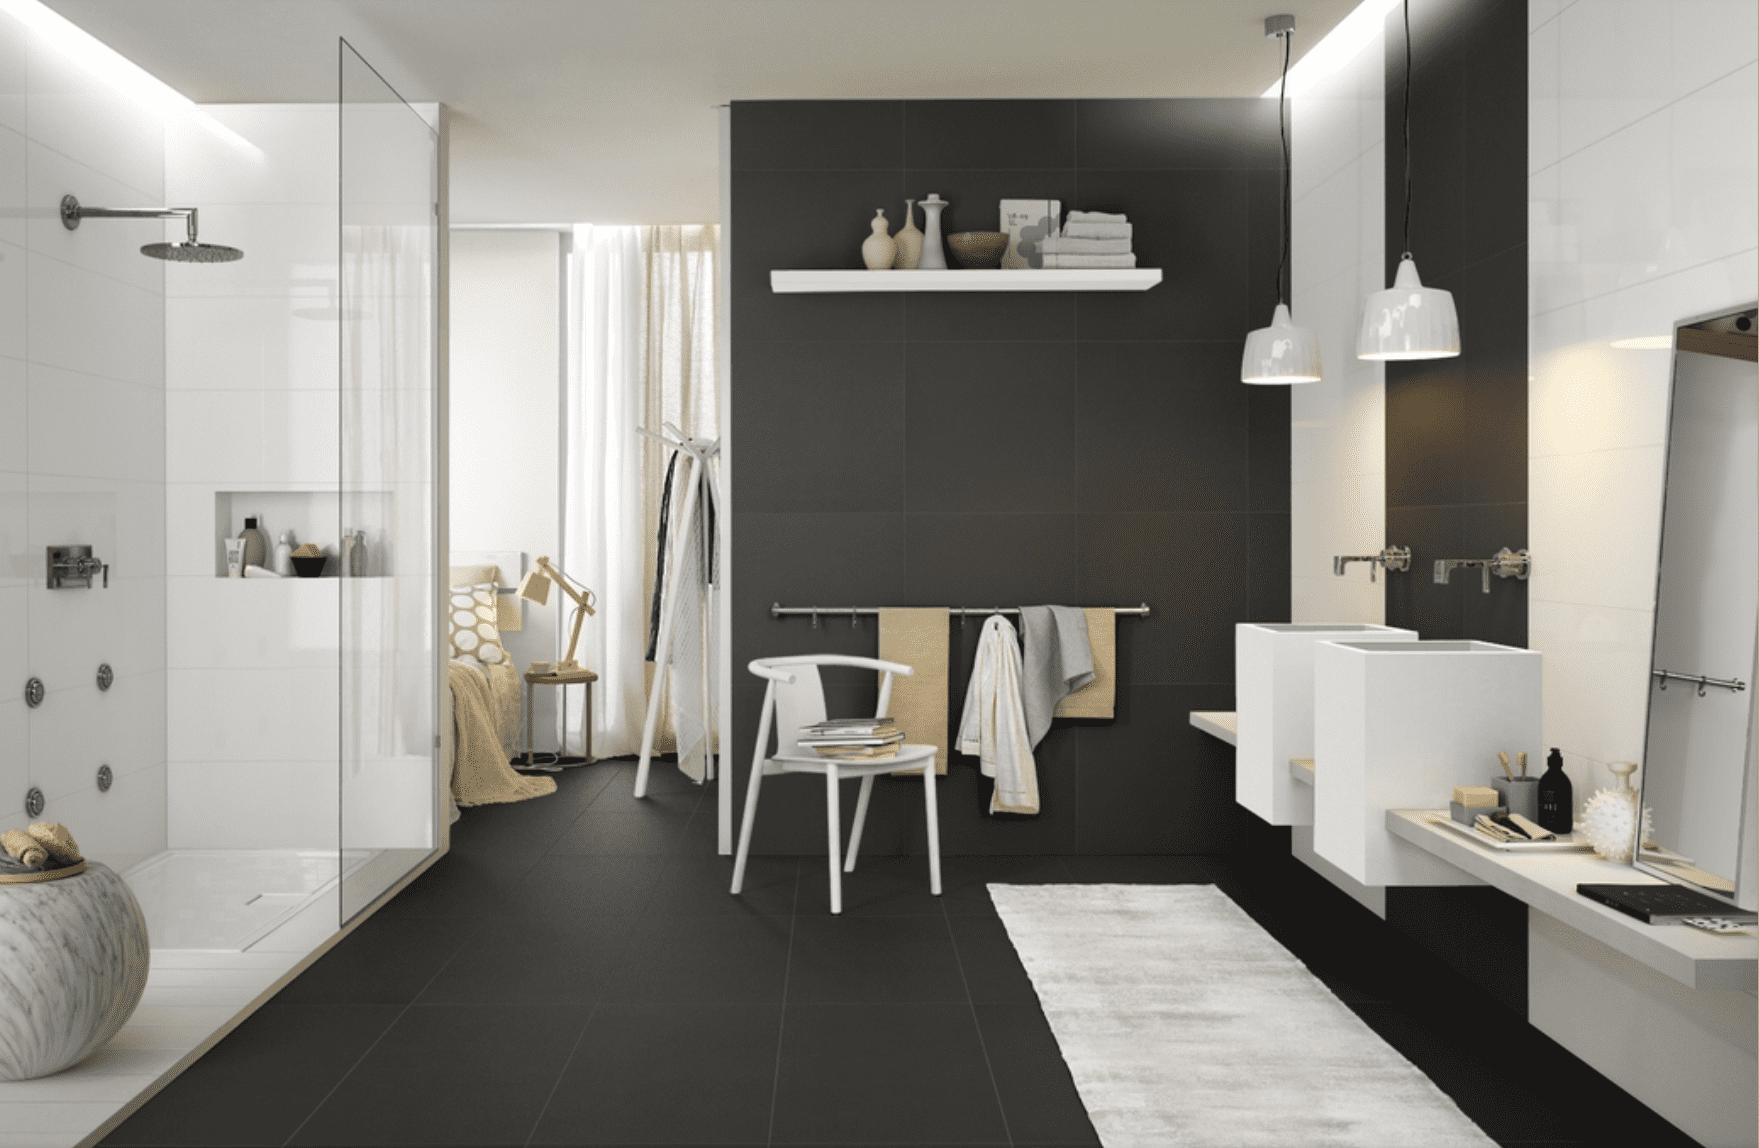 Pavimento Bianco Colore Pareti : Come scegliere le finiture del bagno e abbinarle bene? basta un